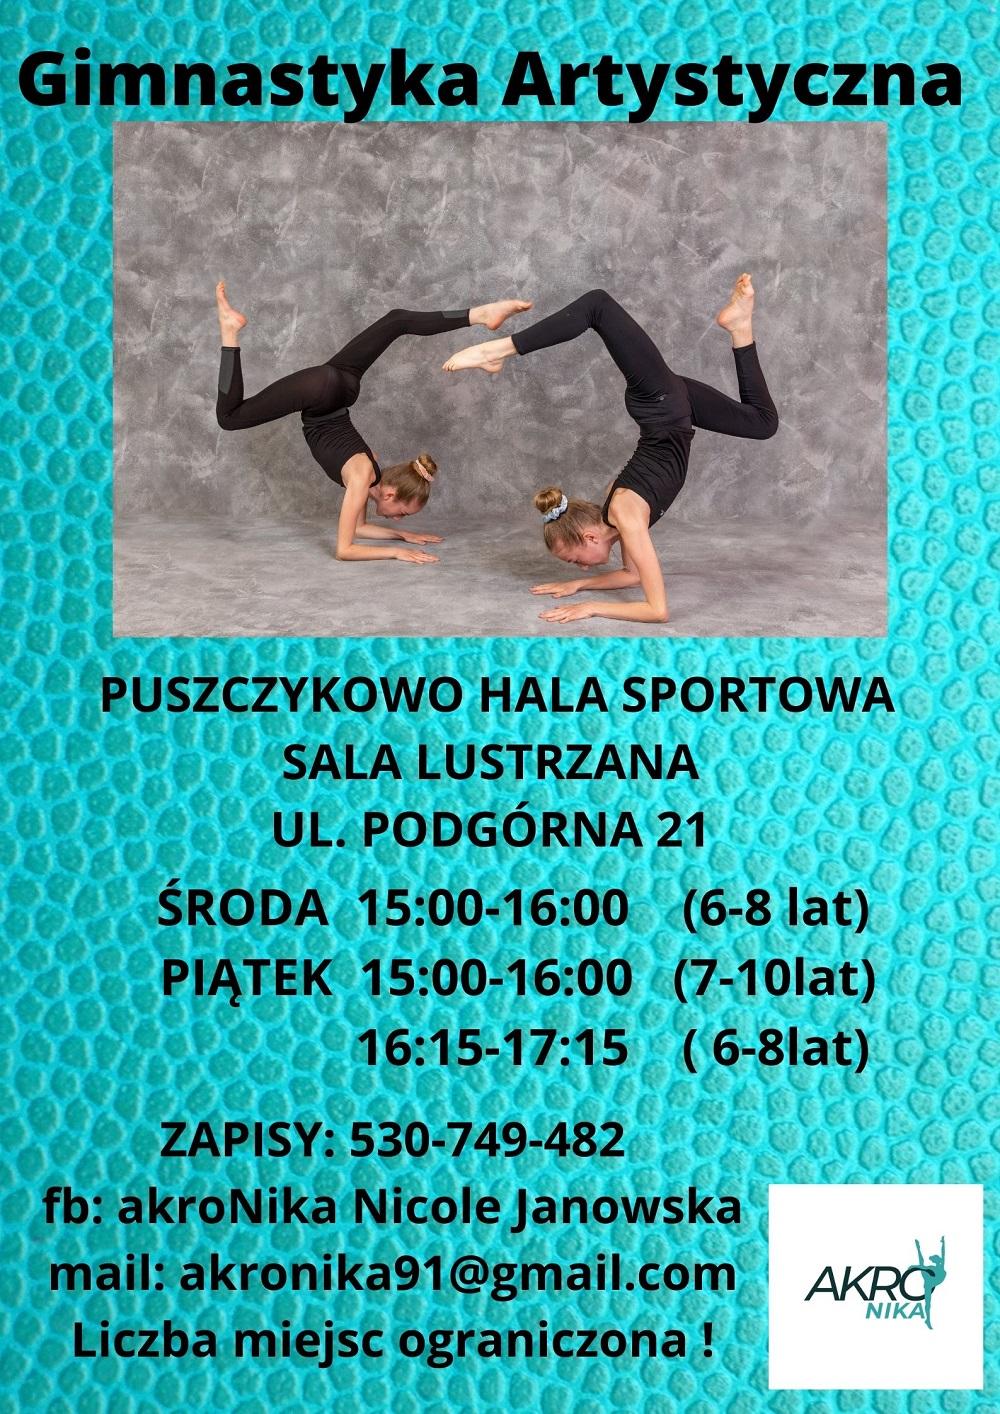 Plakat reklamujący zajęcia z gimnastyki artystycznej. Na grafice widać dwie dziewczynki wykonujące gimnastyczną figurę.